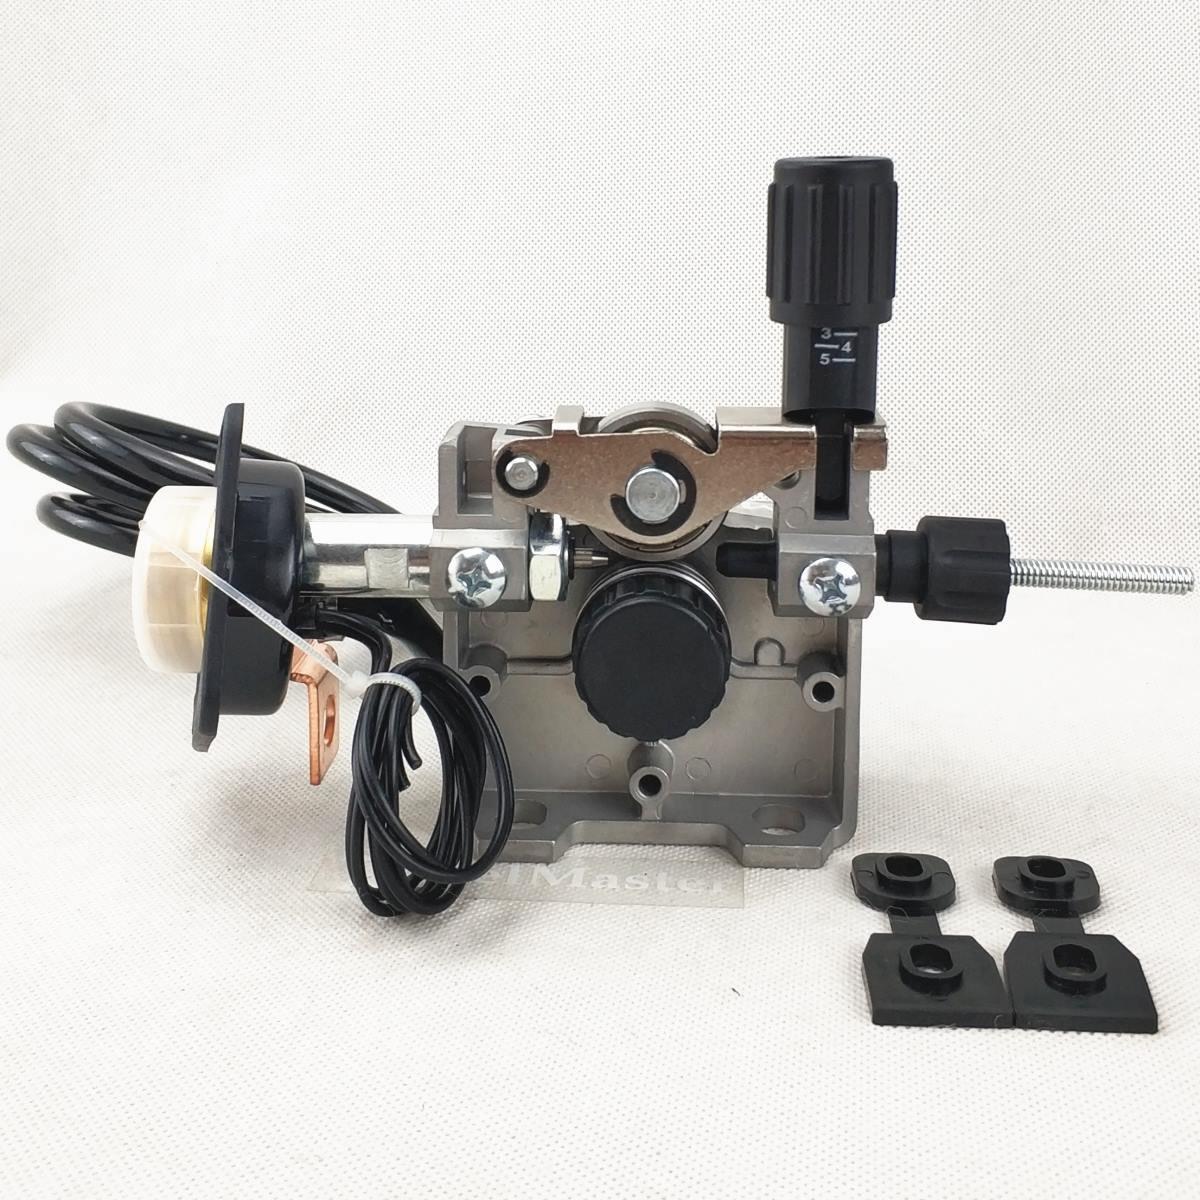 Alimentador de alambre, Ensamblaje de alimentació n de alambre de soldadura DC 24V / 12V, para soldador MIG/MAG Soldadora (Versió n DC 12V) Ensamblaje de alimentación de alambre de soldadura DC 24V / 12V TywelMaster